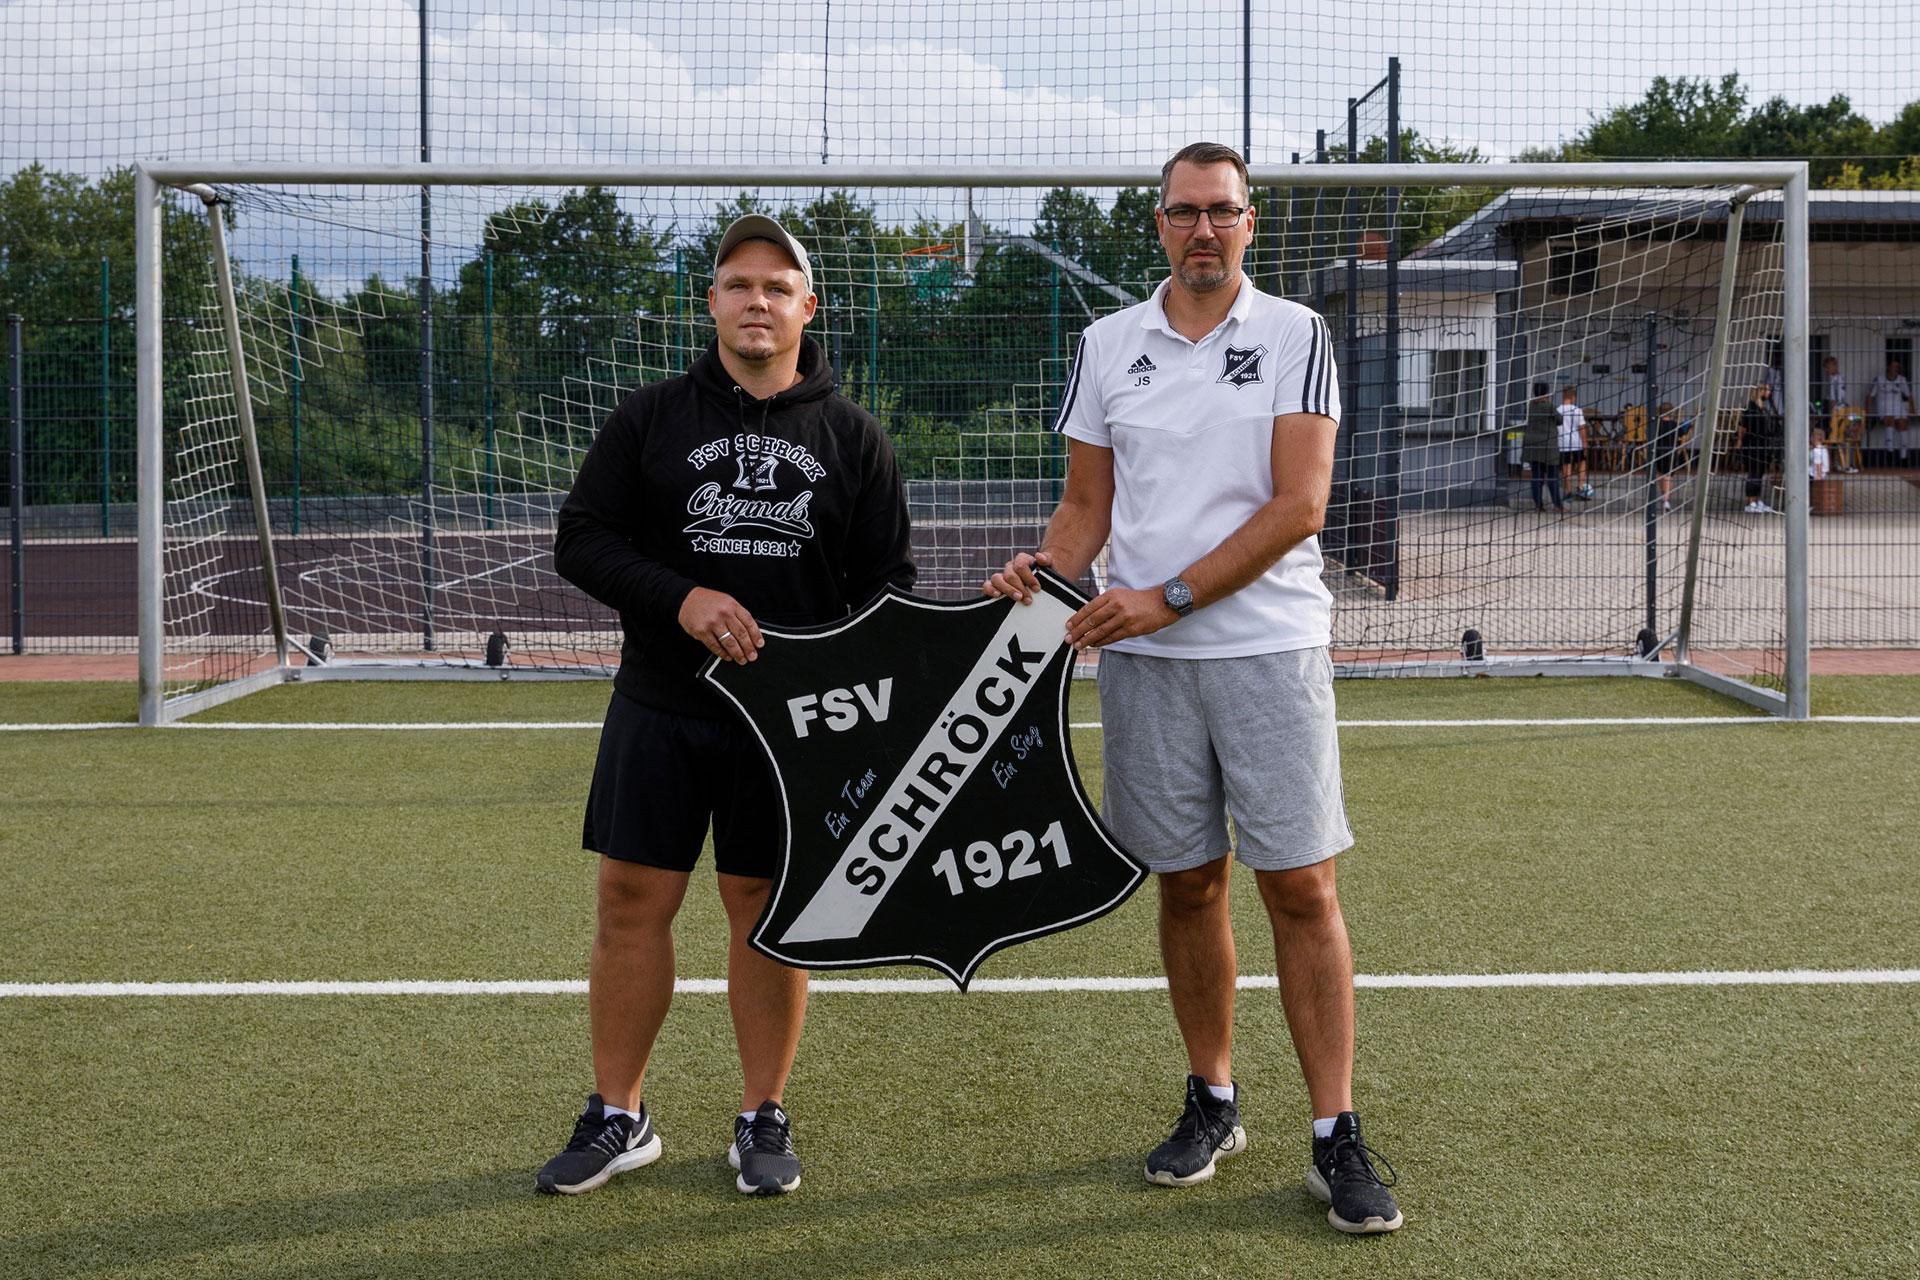 Carsten Baum & Jens Sawitzki